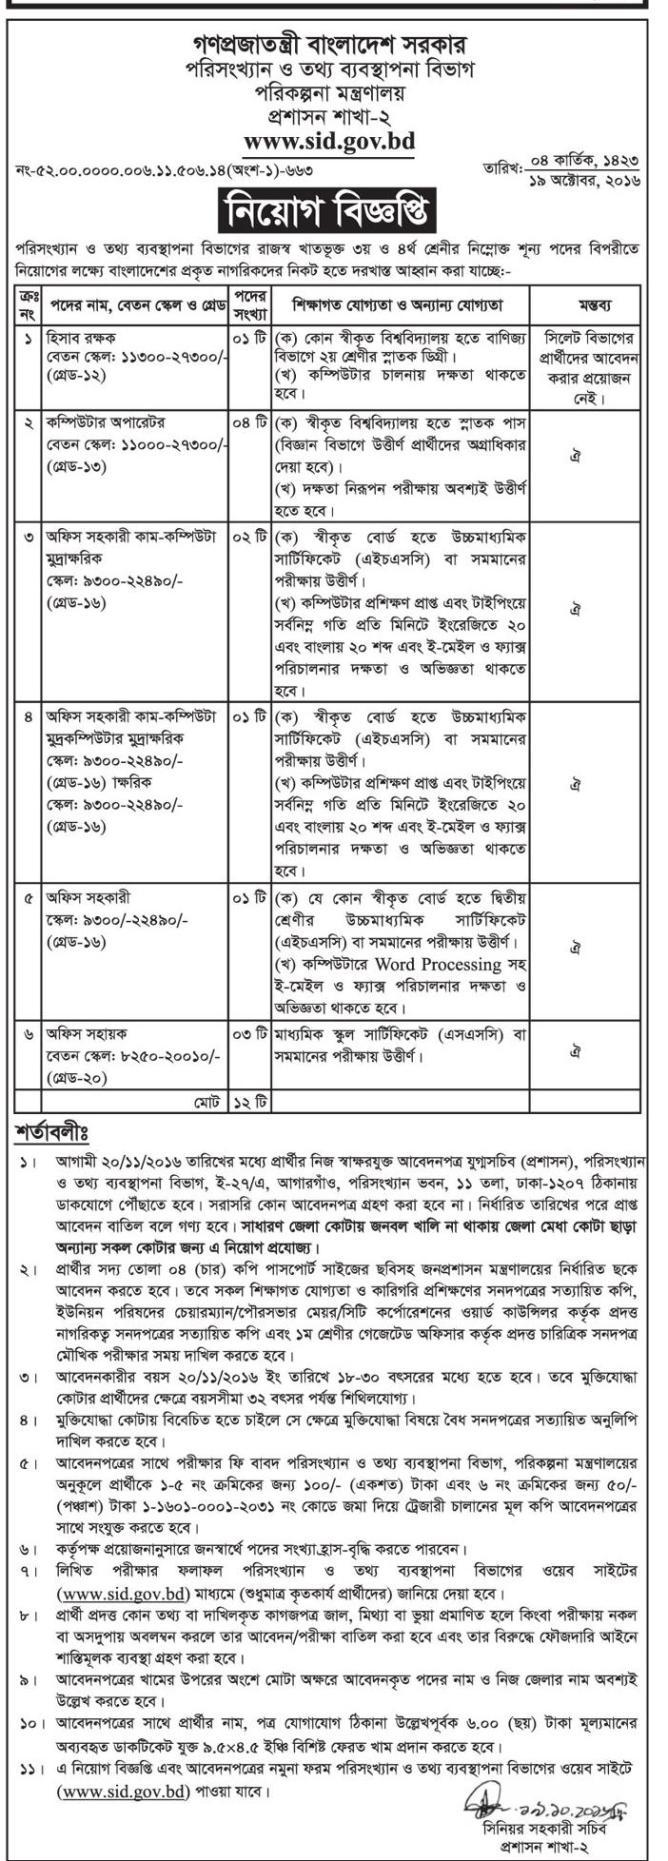 Statistics Information Division Govt Job Circular 2016